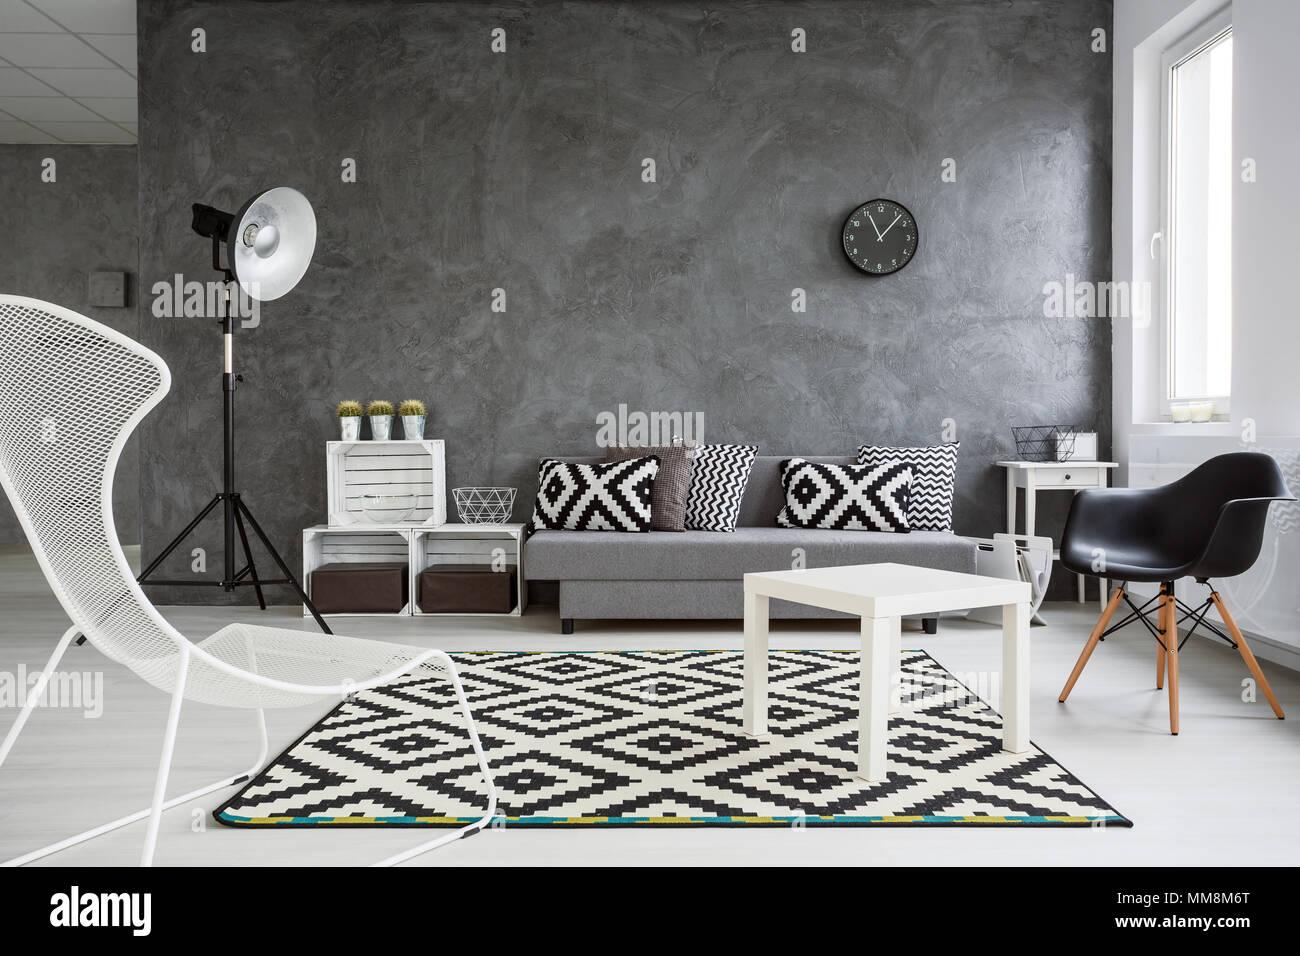 https www alamyimages fr salon spacieux decore avec style les murs gris plancher en bois blanc et blanc et noir decorations image184588288 html